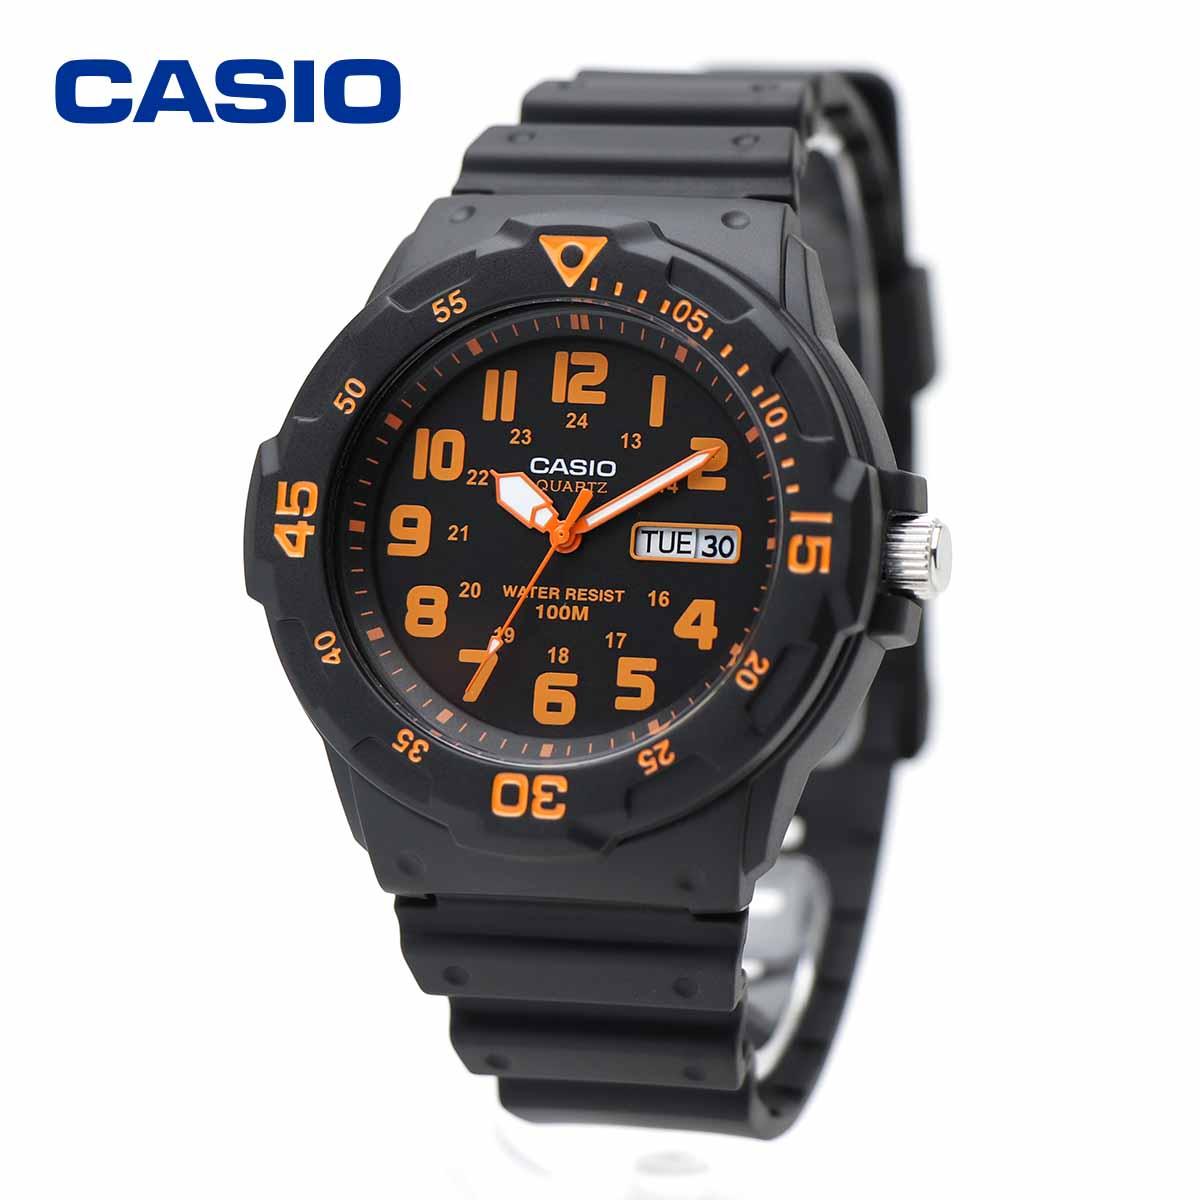 CASIO Dive watch CASIO MRW-200H-4BV